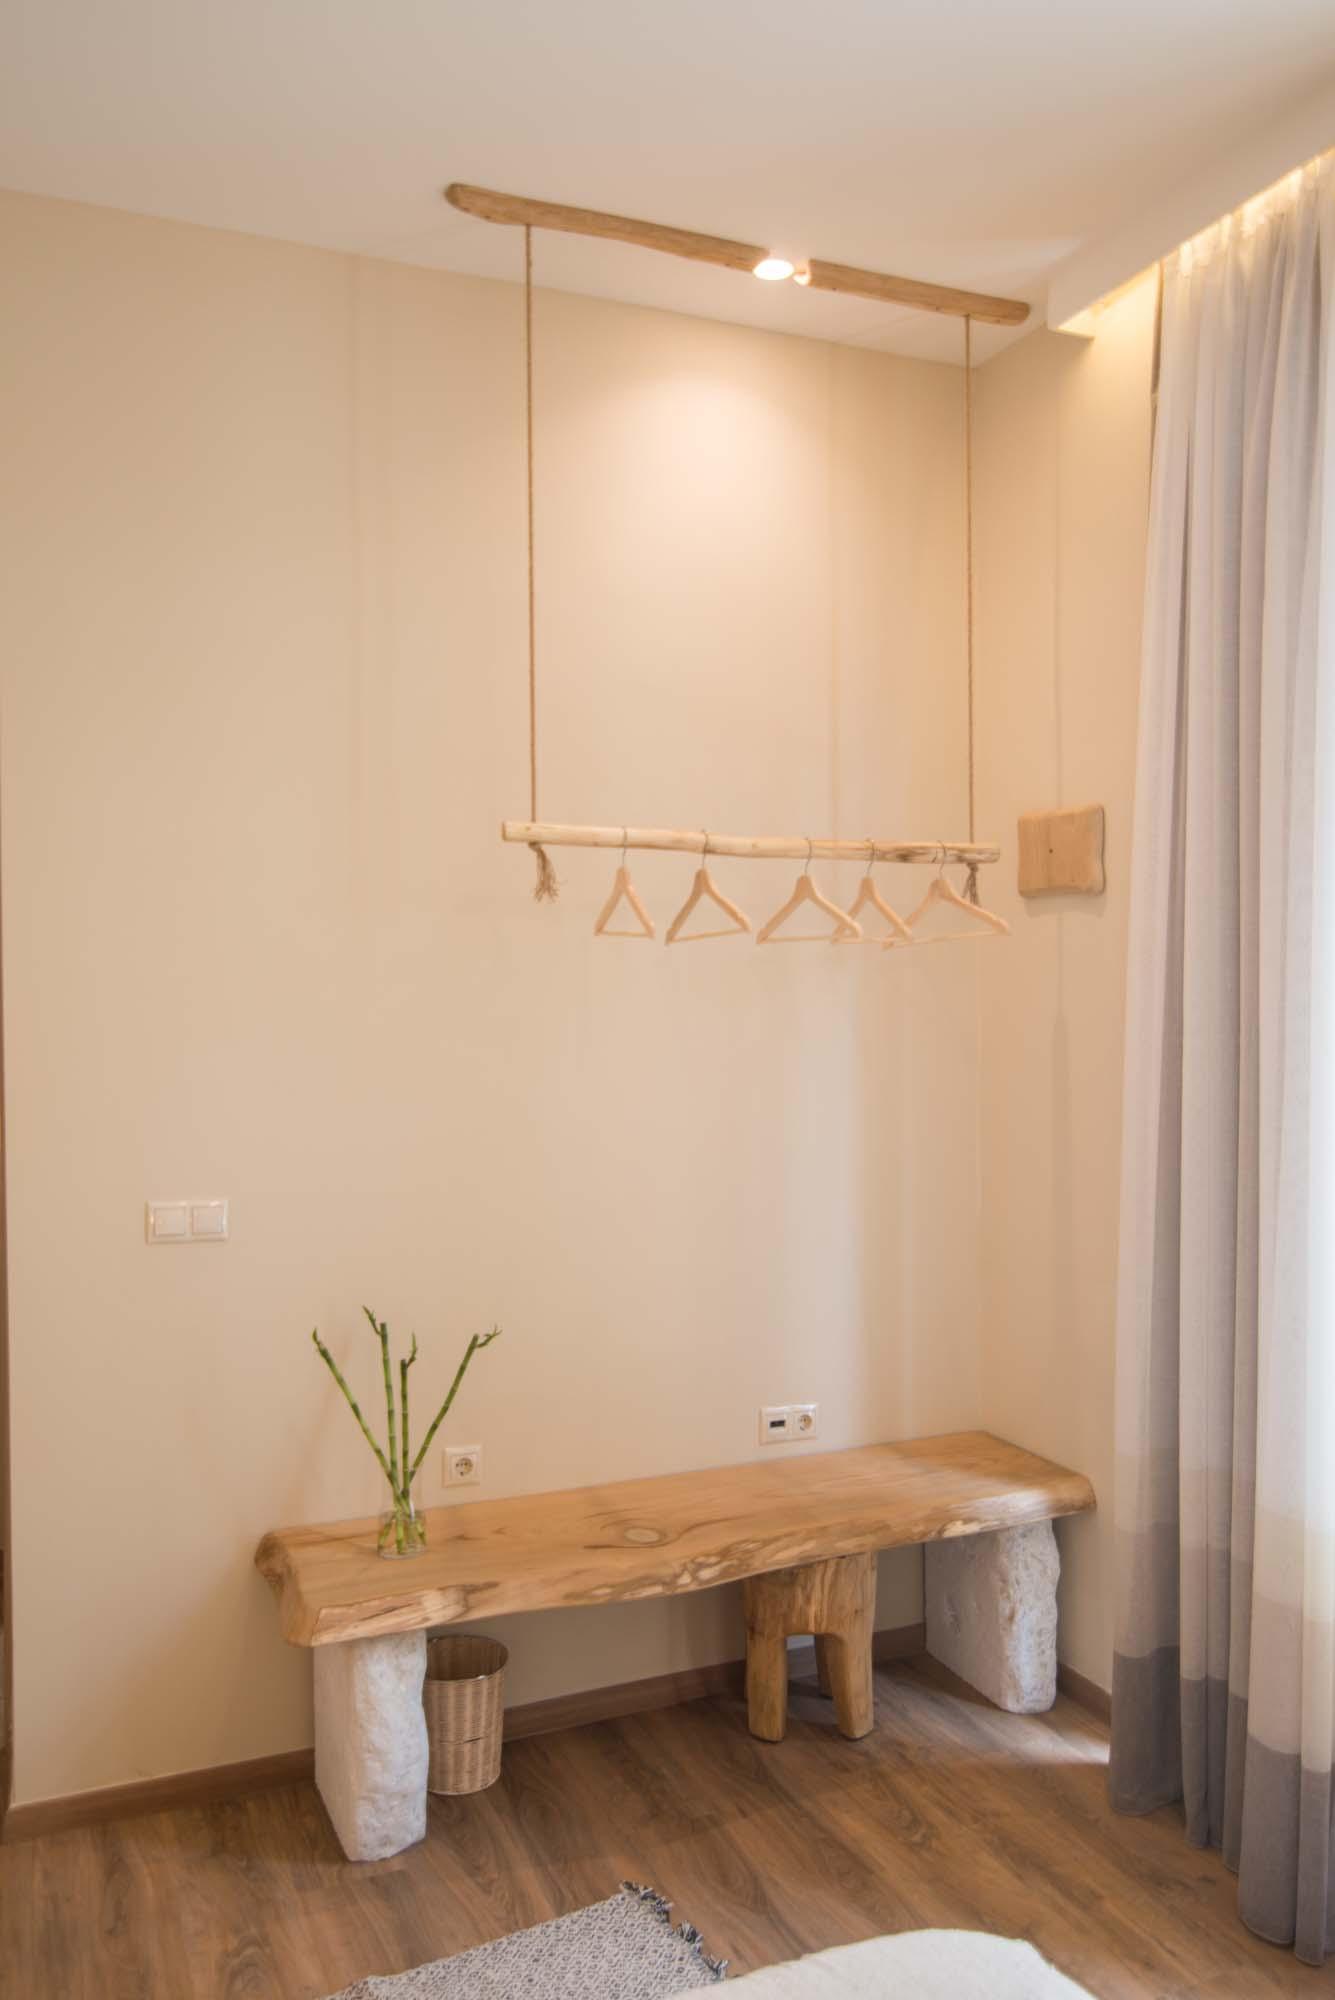 Hotel_room_Allegra_08